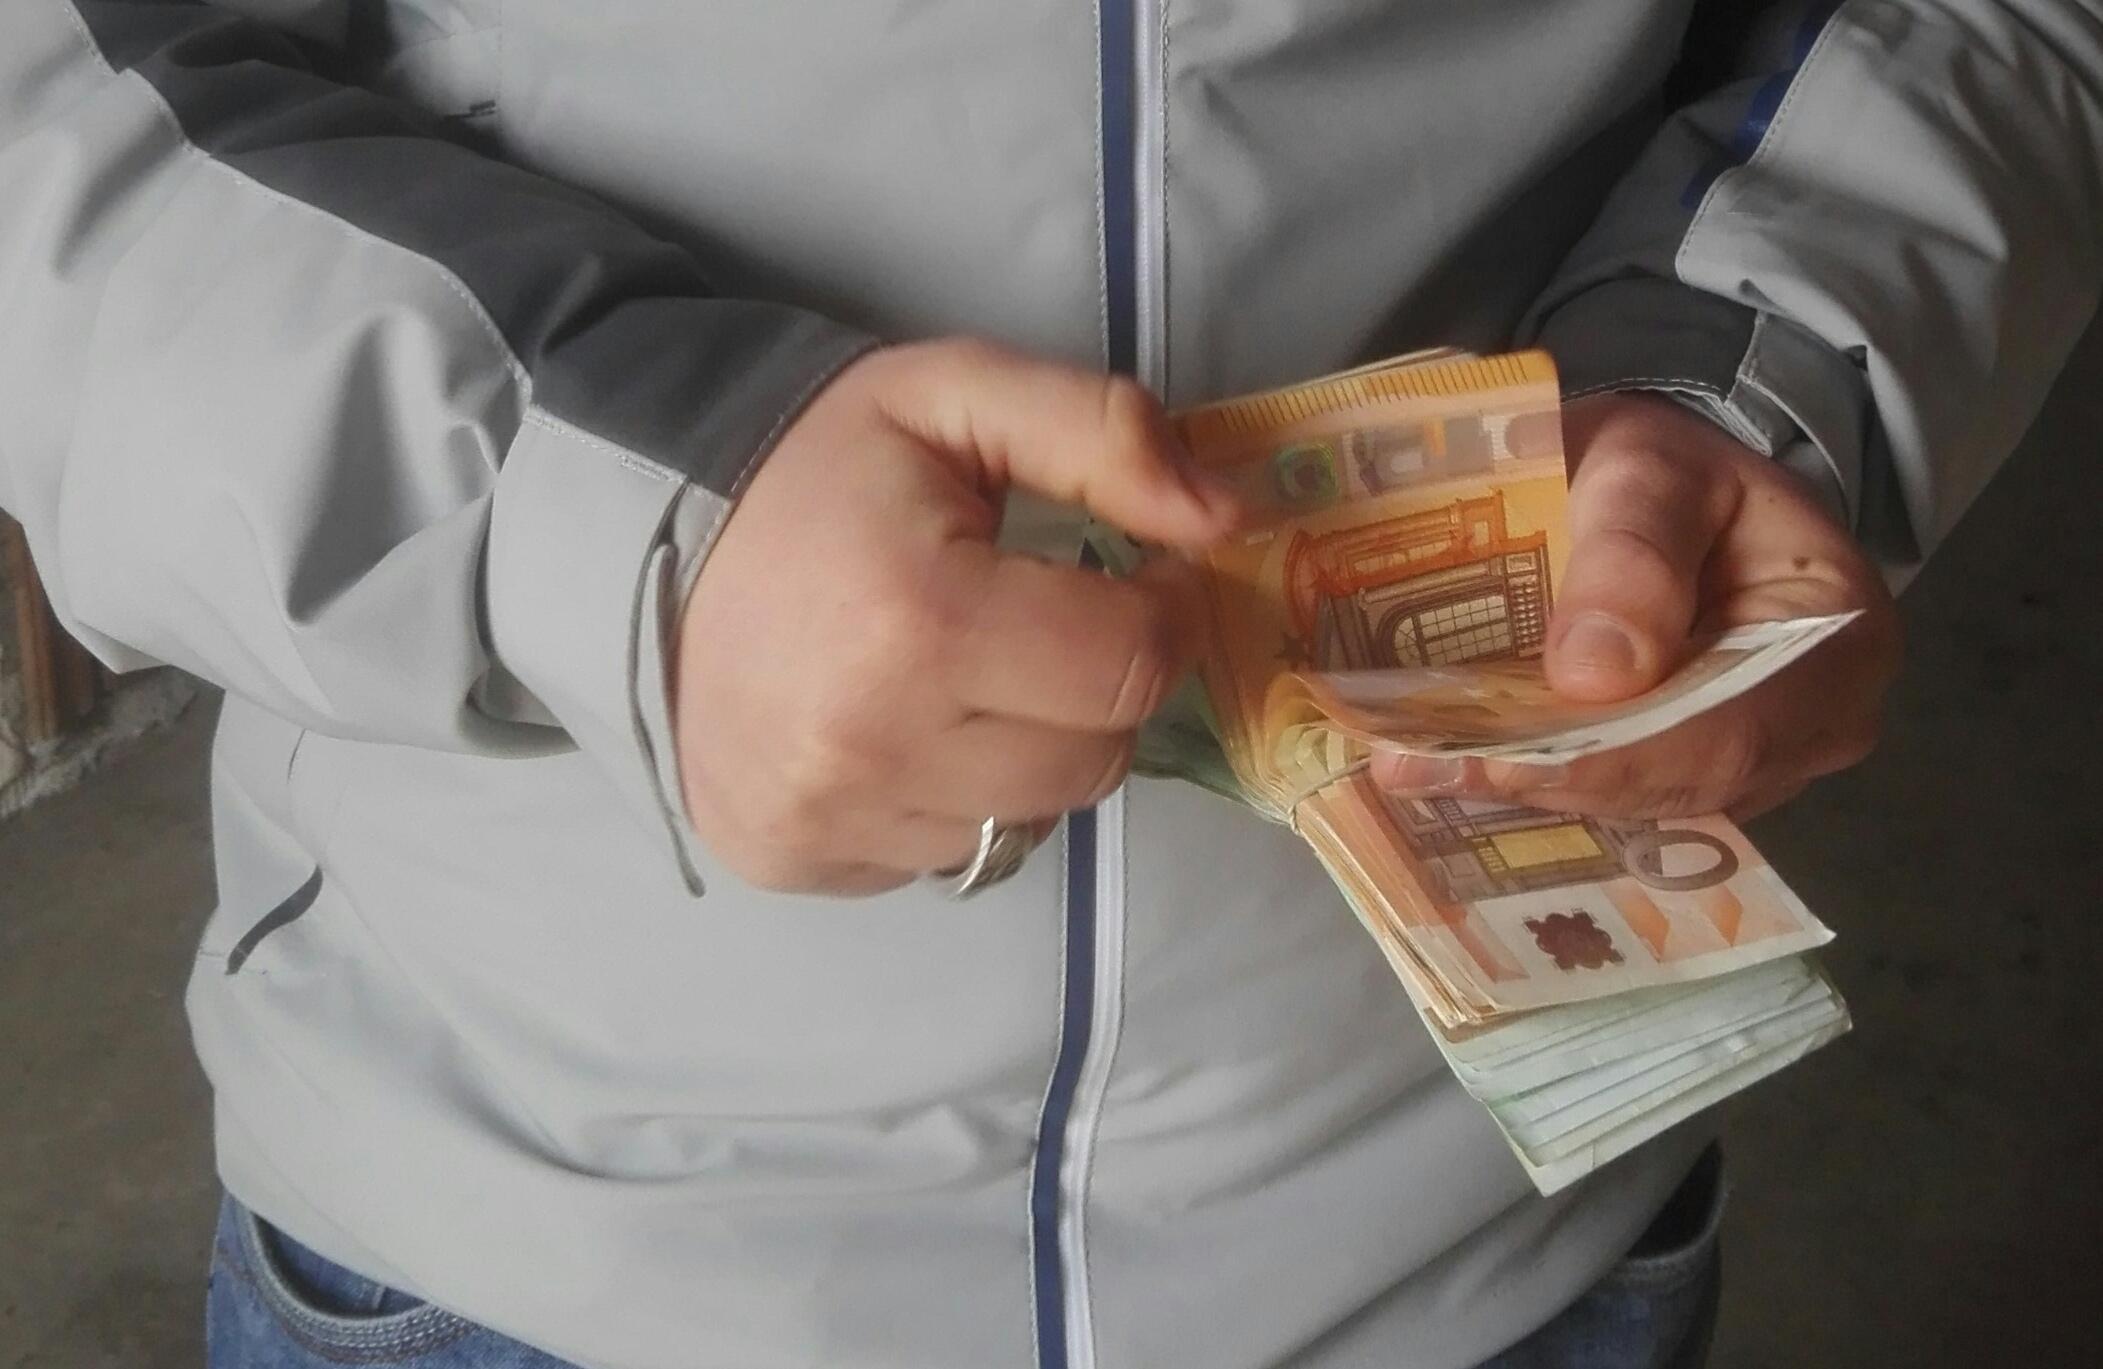 Redditi annui in leggero aumento. Nelle Isole la media è 16.660 euro